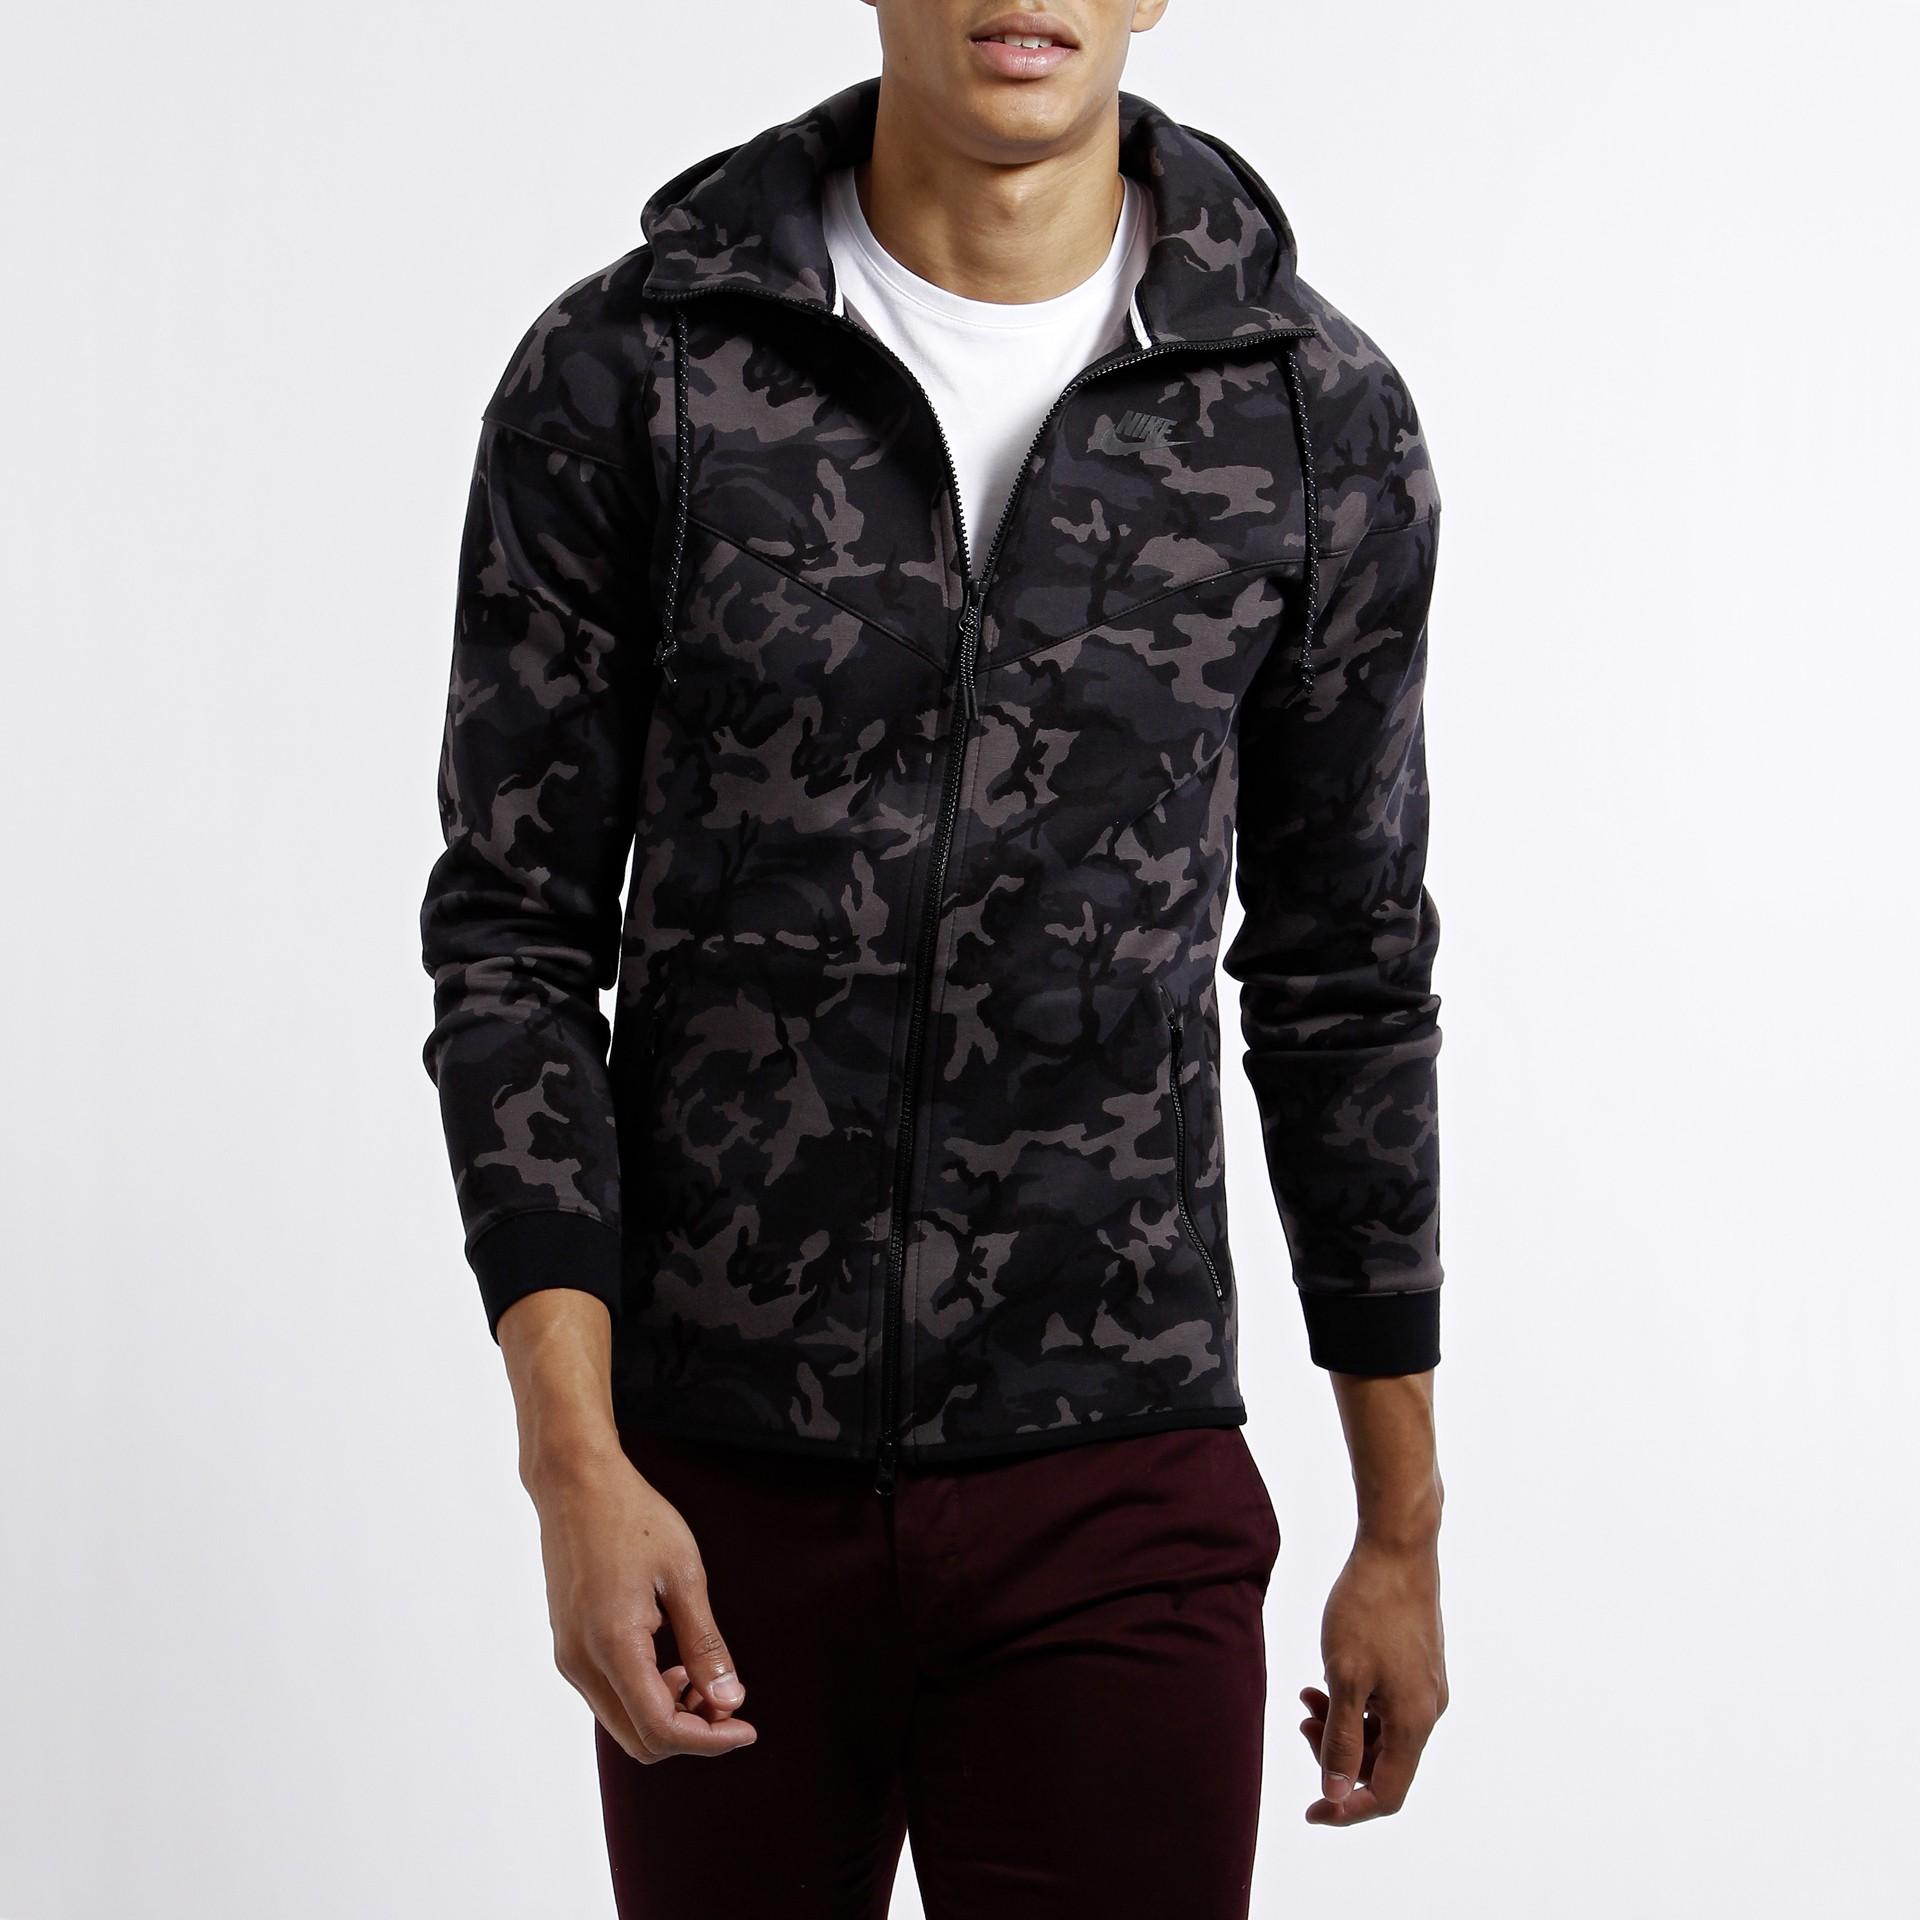 81a4720a4e1c Doudoune Chapka Nike Veste D hiver Pull Homme Camouflage Vetement AawBq0